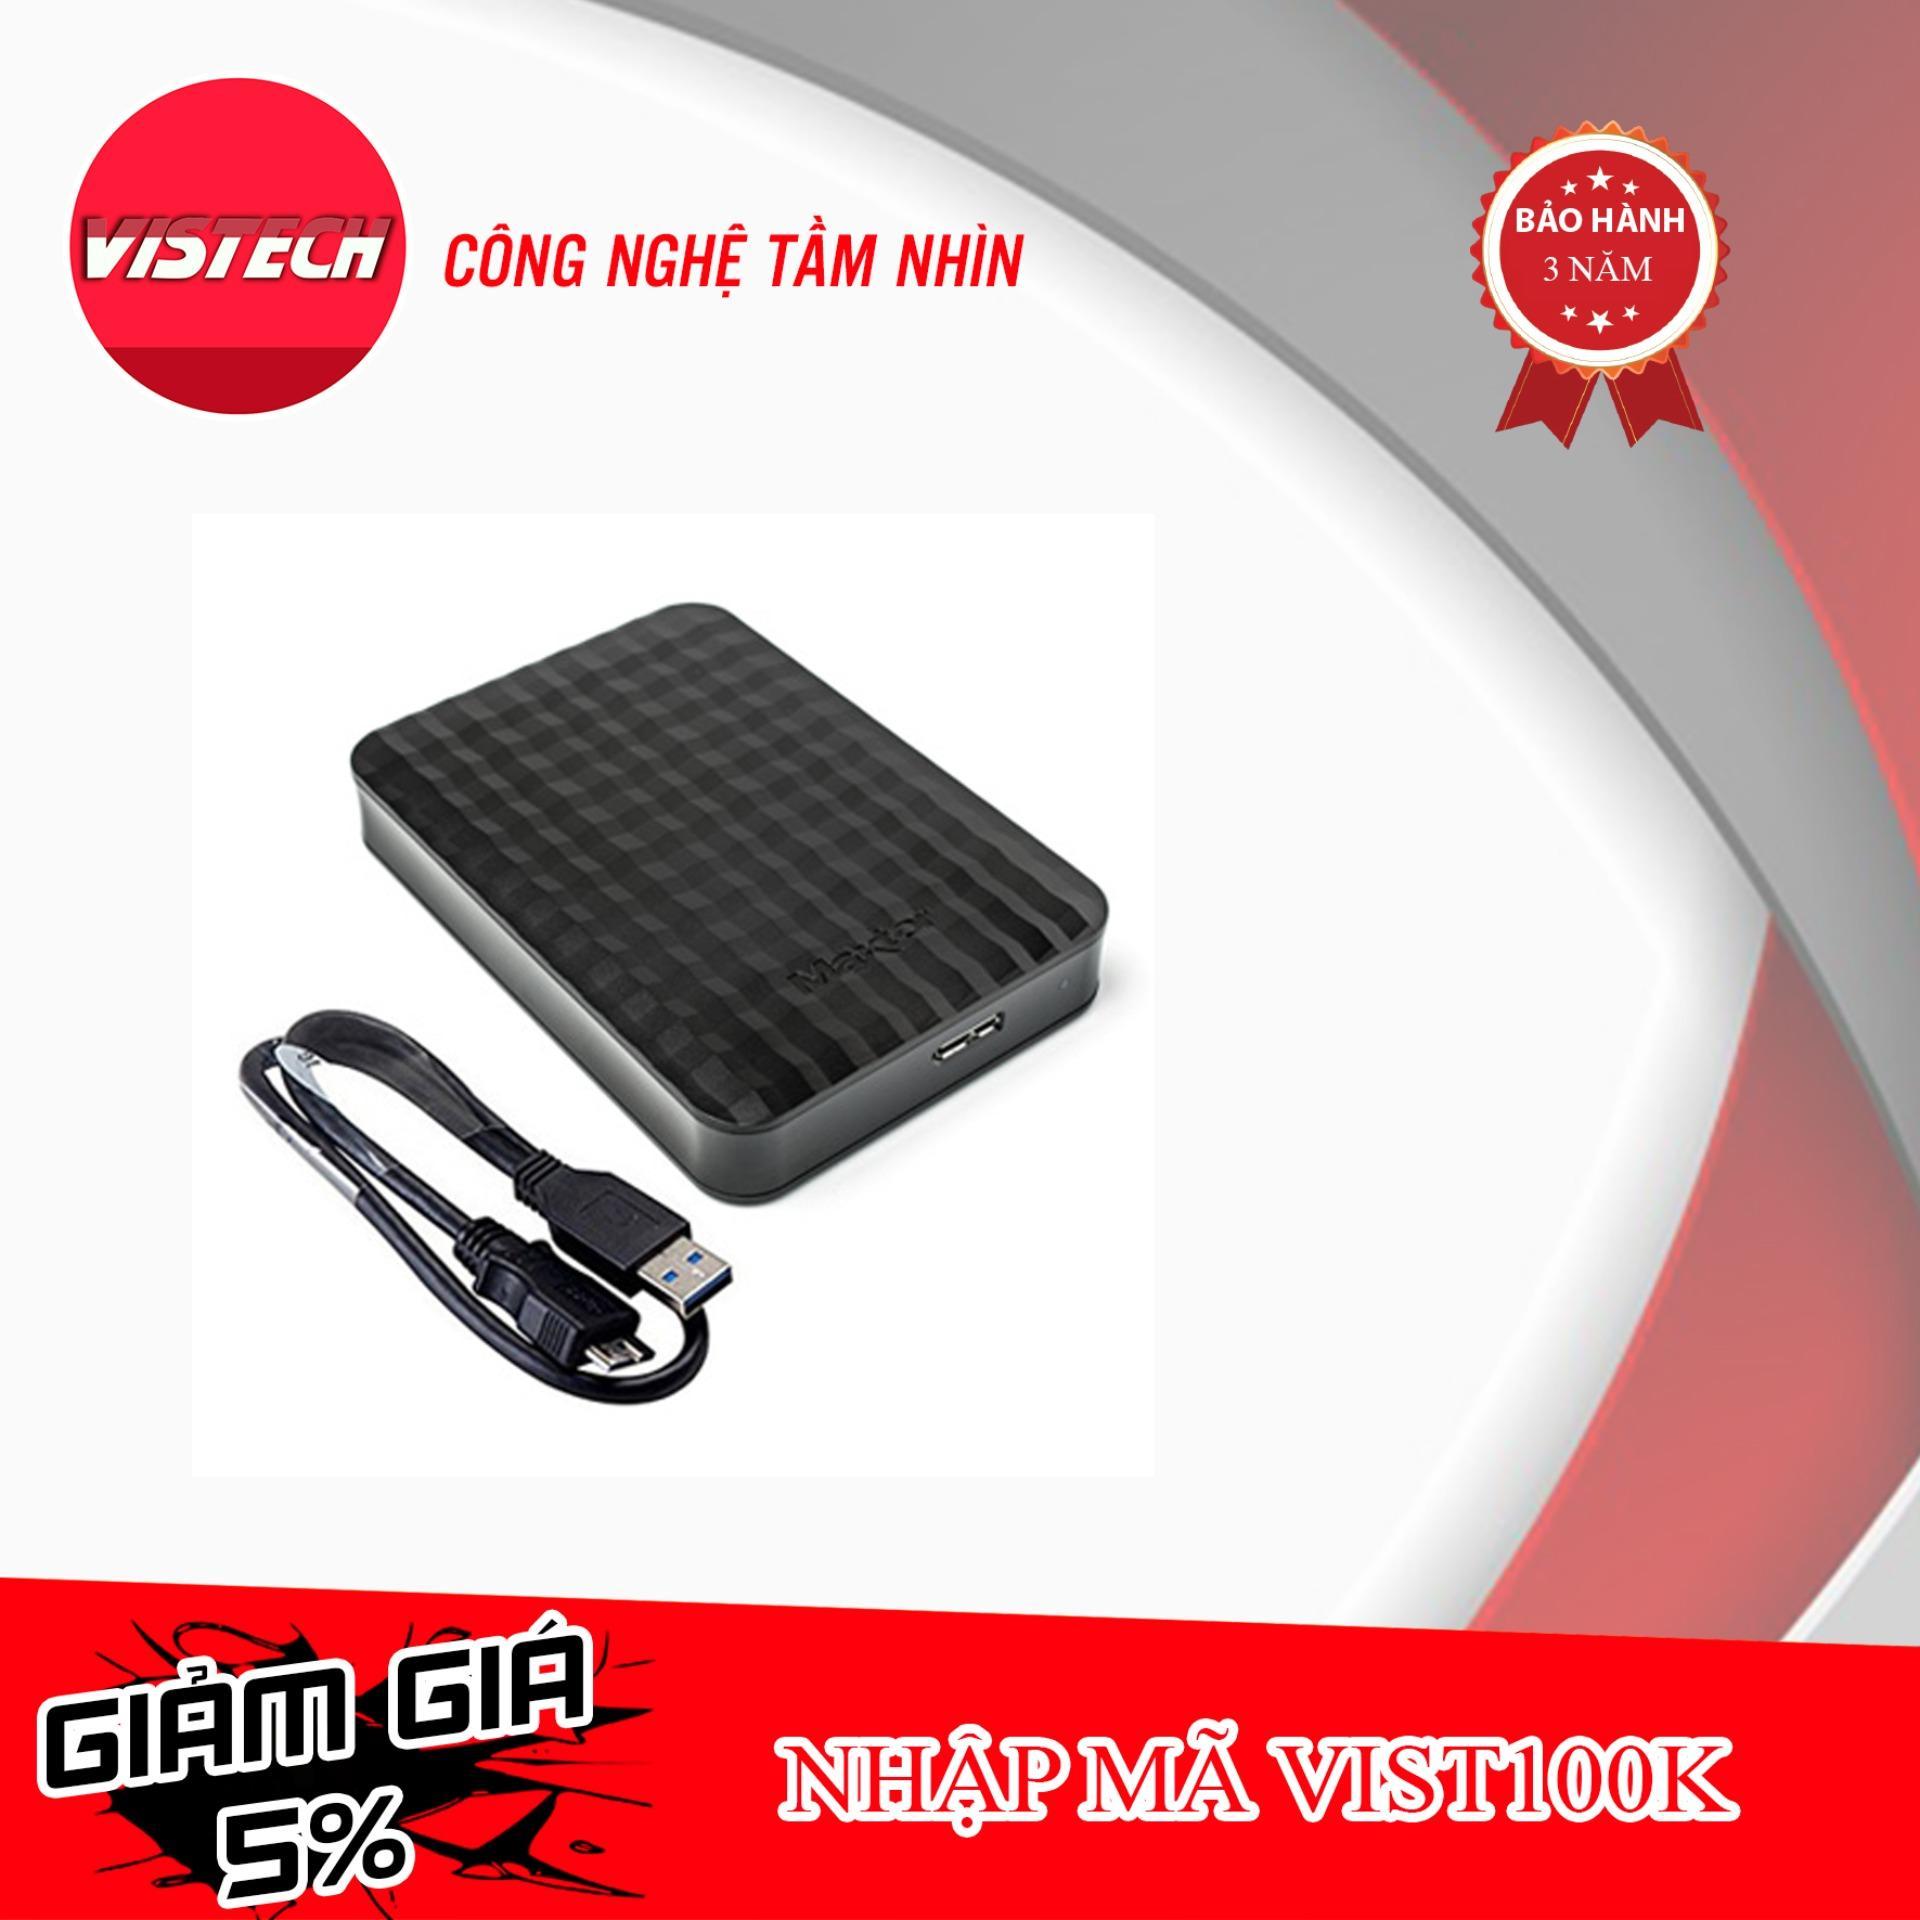 Ổ cứng di động Maxtor M3 1TB USB 3.0 Tặng kèm túi chống sốc - Hãng phân phối chính thức